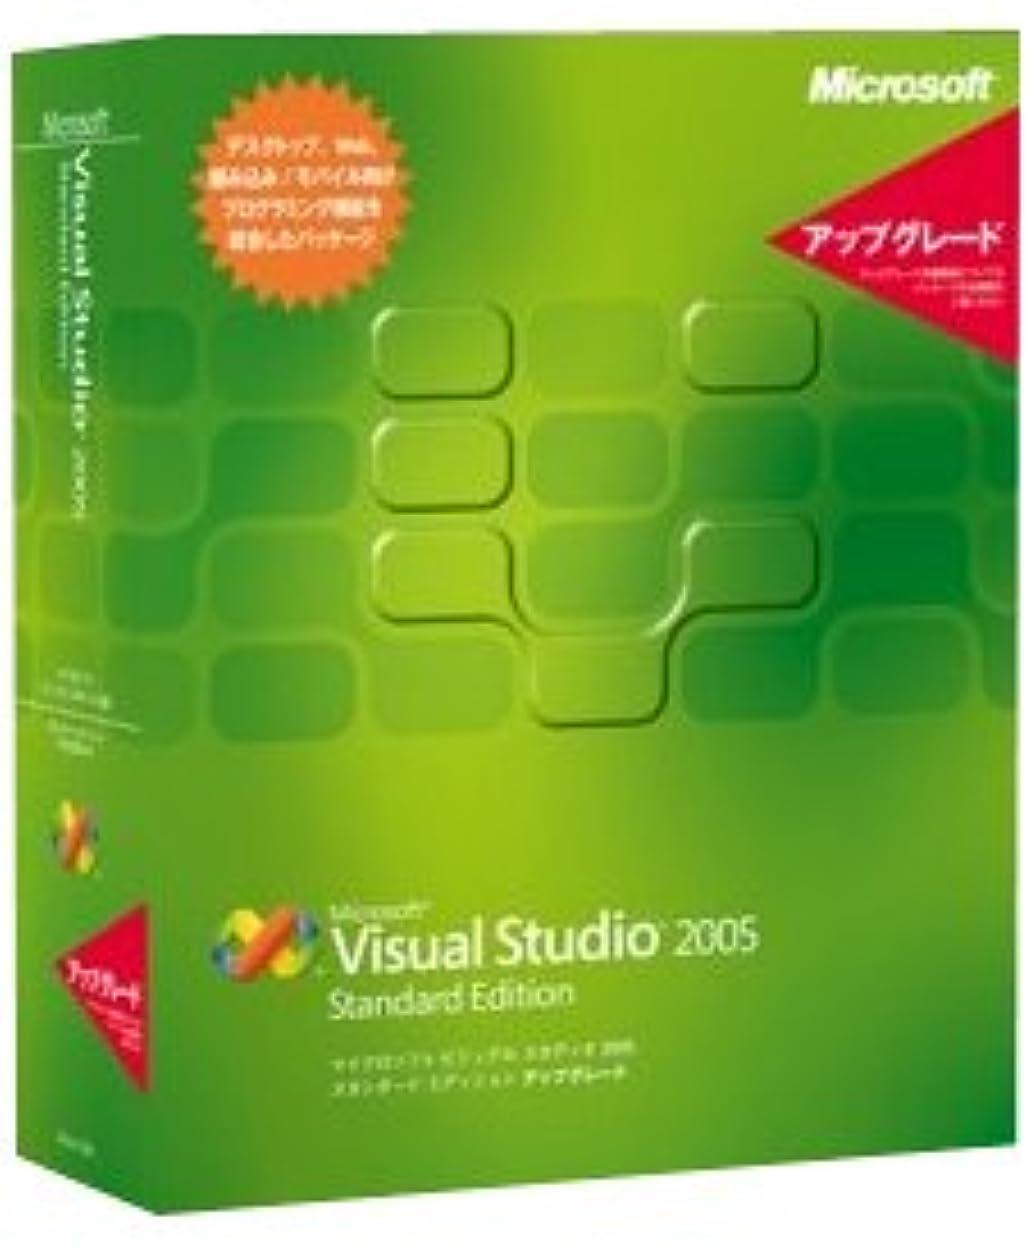 サンドイッチ入札甘いVisual Studio 2005 Standard Edition アップグレード